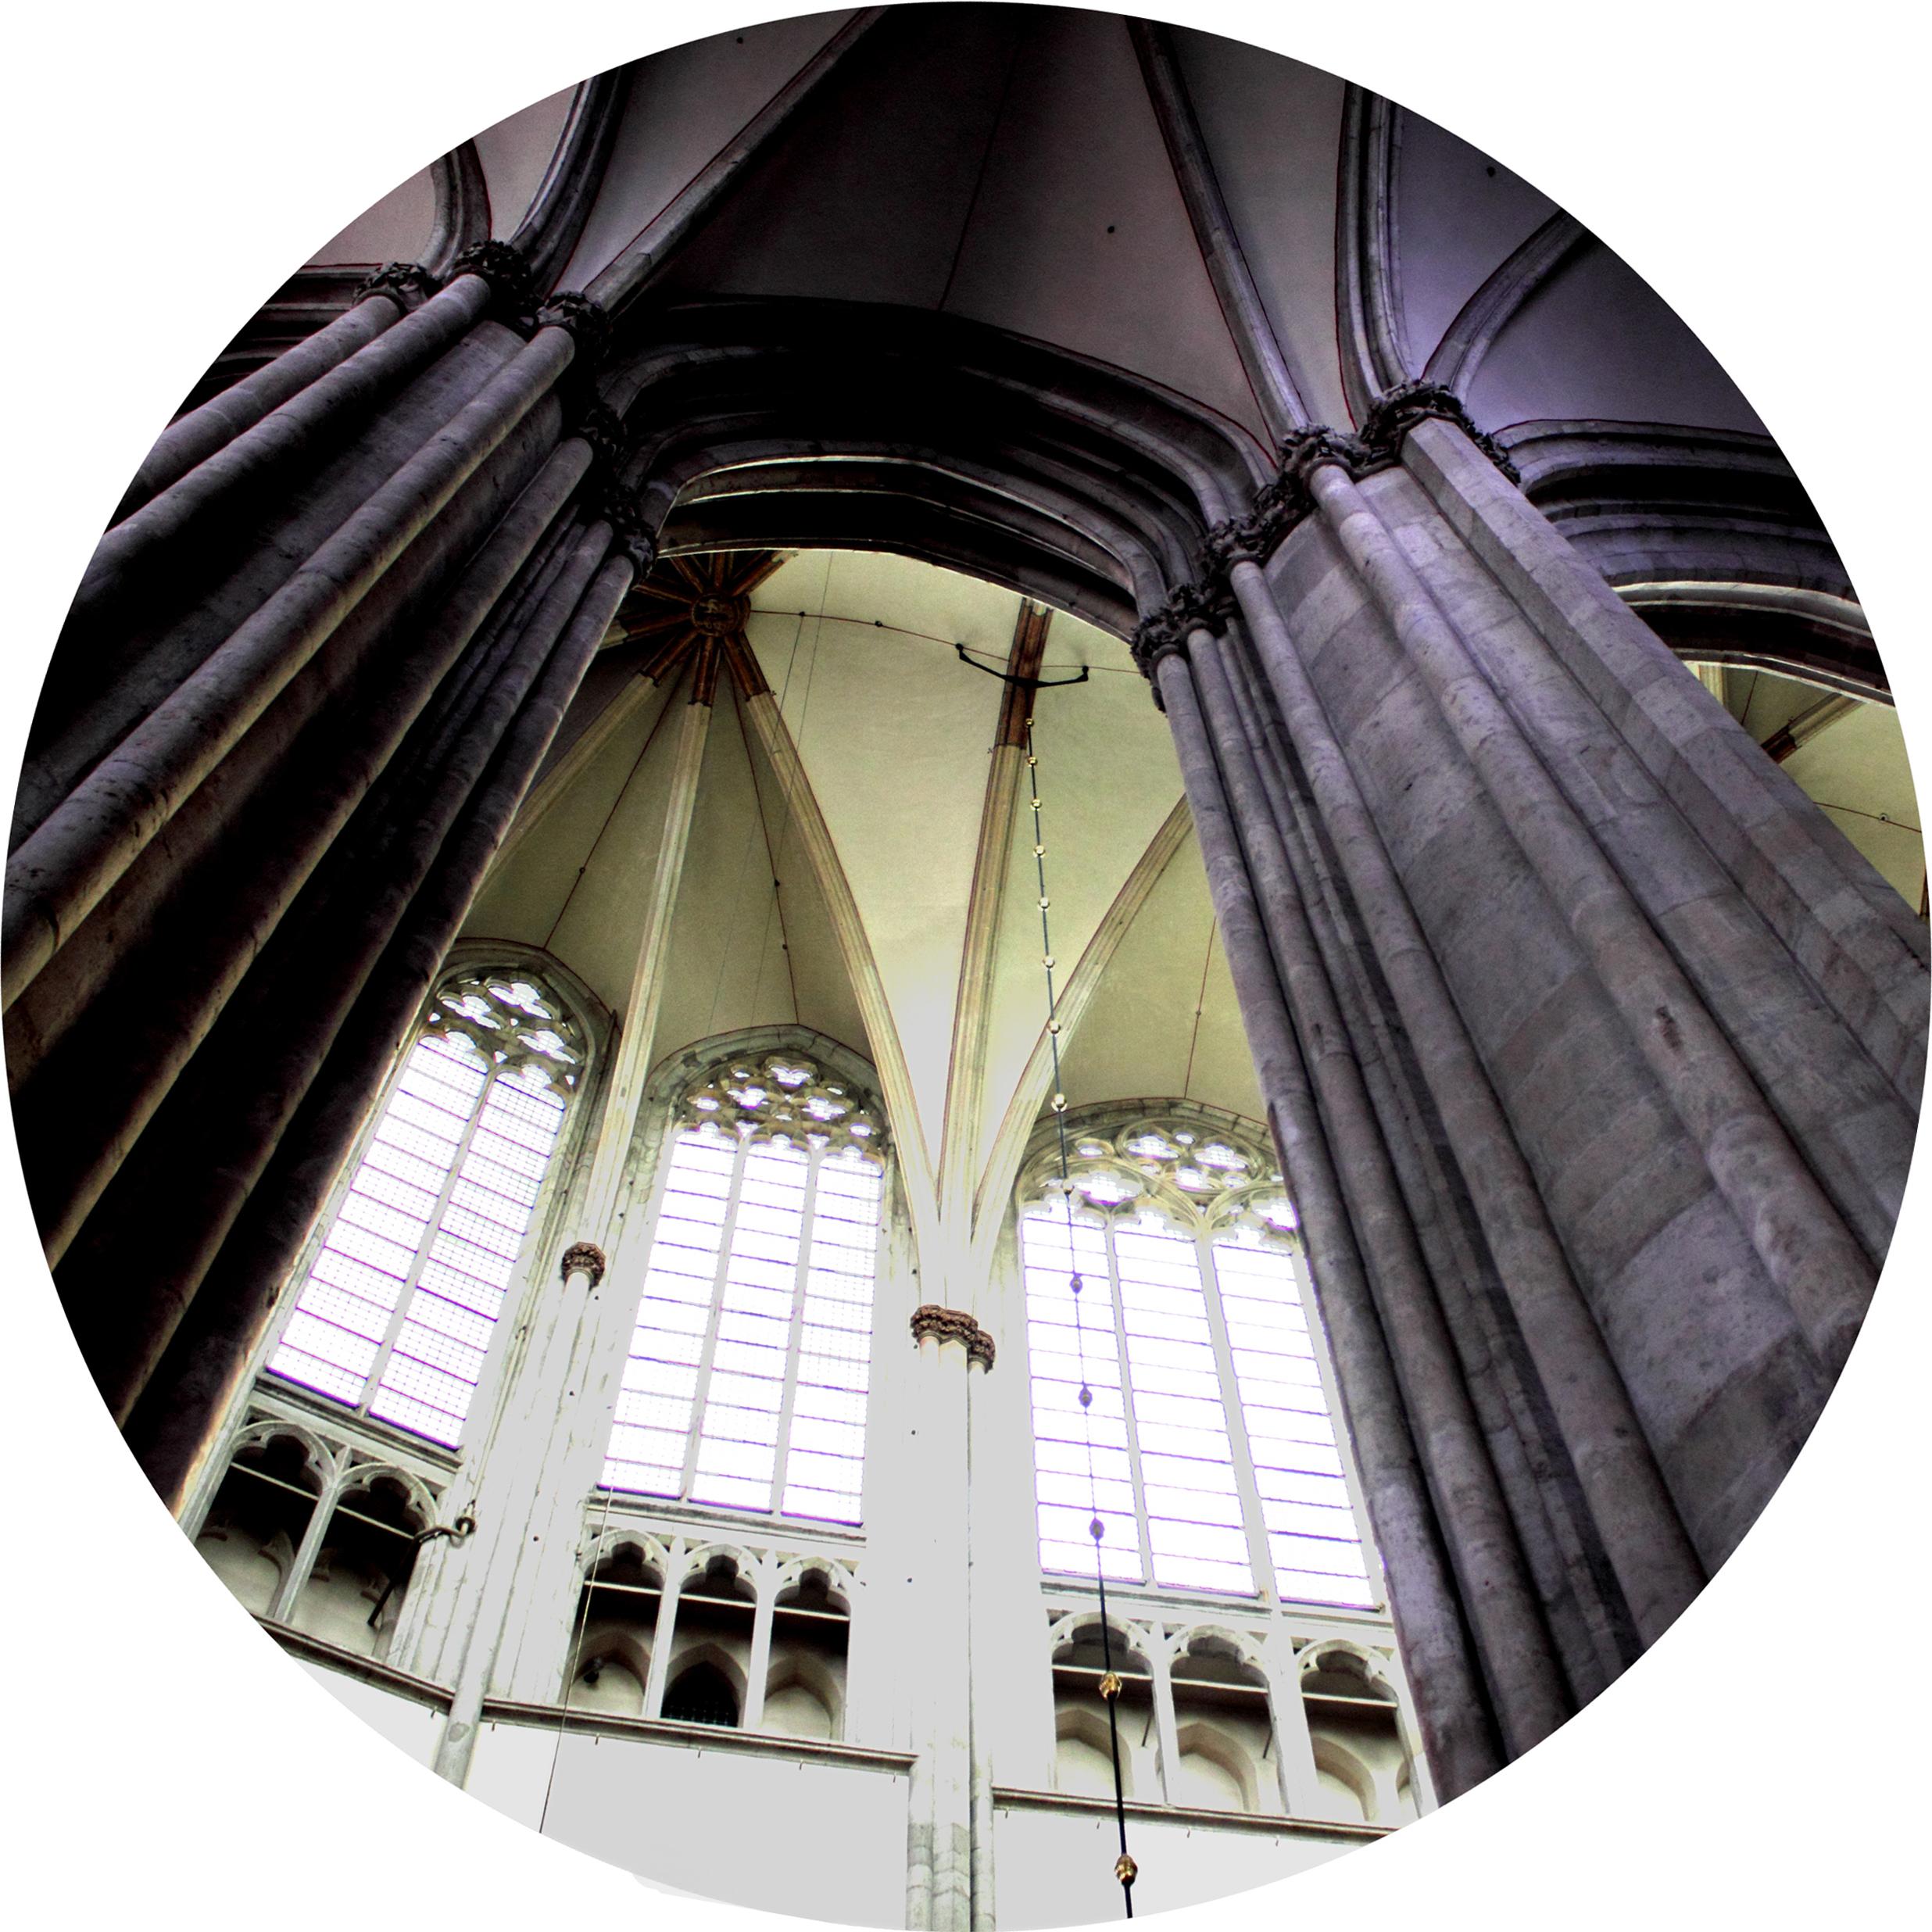 Hoge kerken vangen veel wind